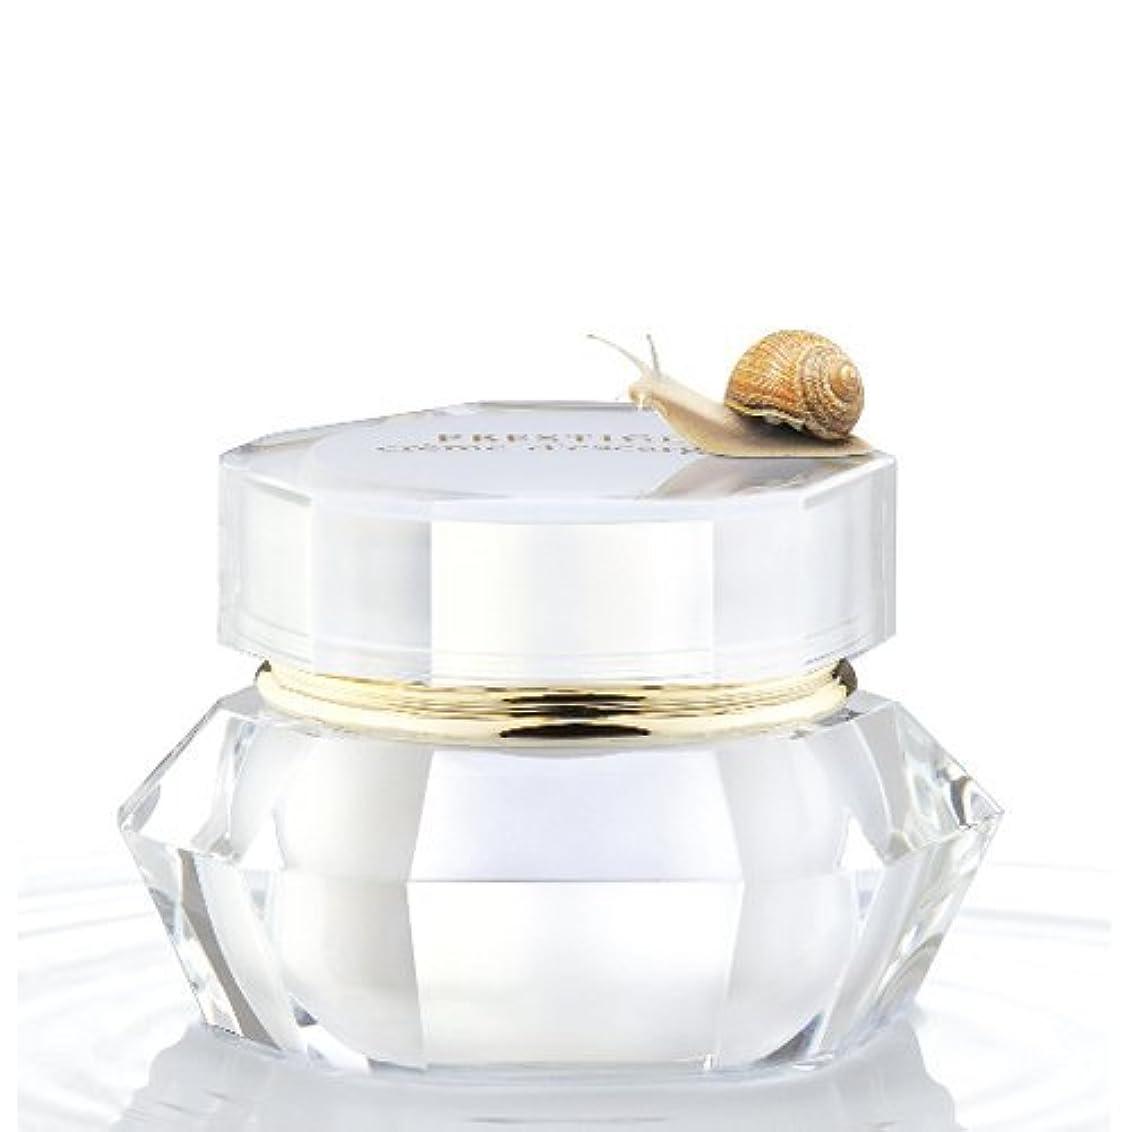 穿孔する取り扱い簡潔なIt's skin/イッツスキン PRESTIGE cream d'escargot/プレステージ クリーム エスカルゴ 60ml 2PM